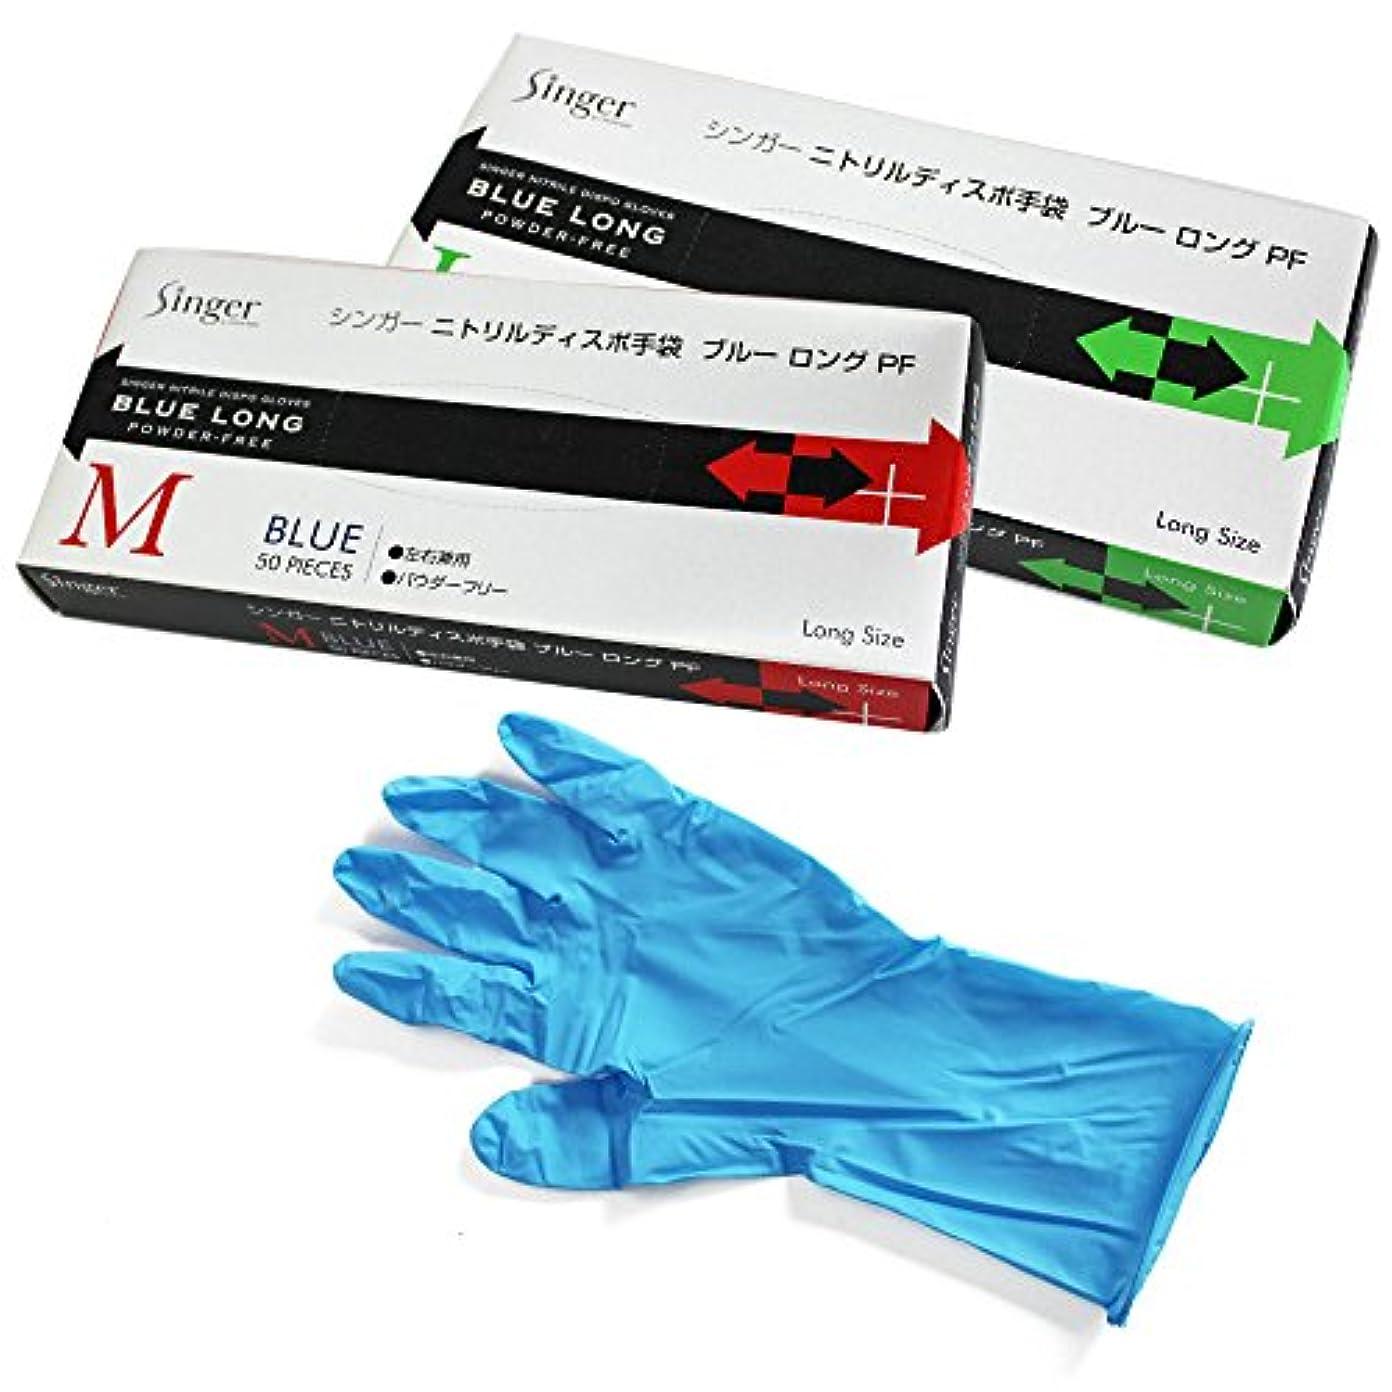 王子盗賊してはいけないシンガーニトリルディスポ手袋ブルーロングパウダーフリー500枚(50枚入り×10箱) (M)